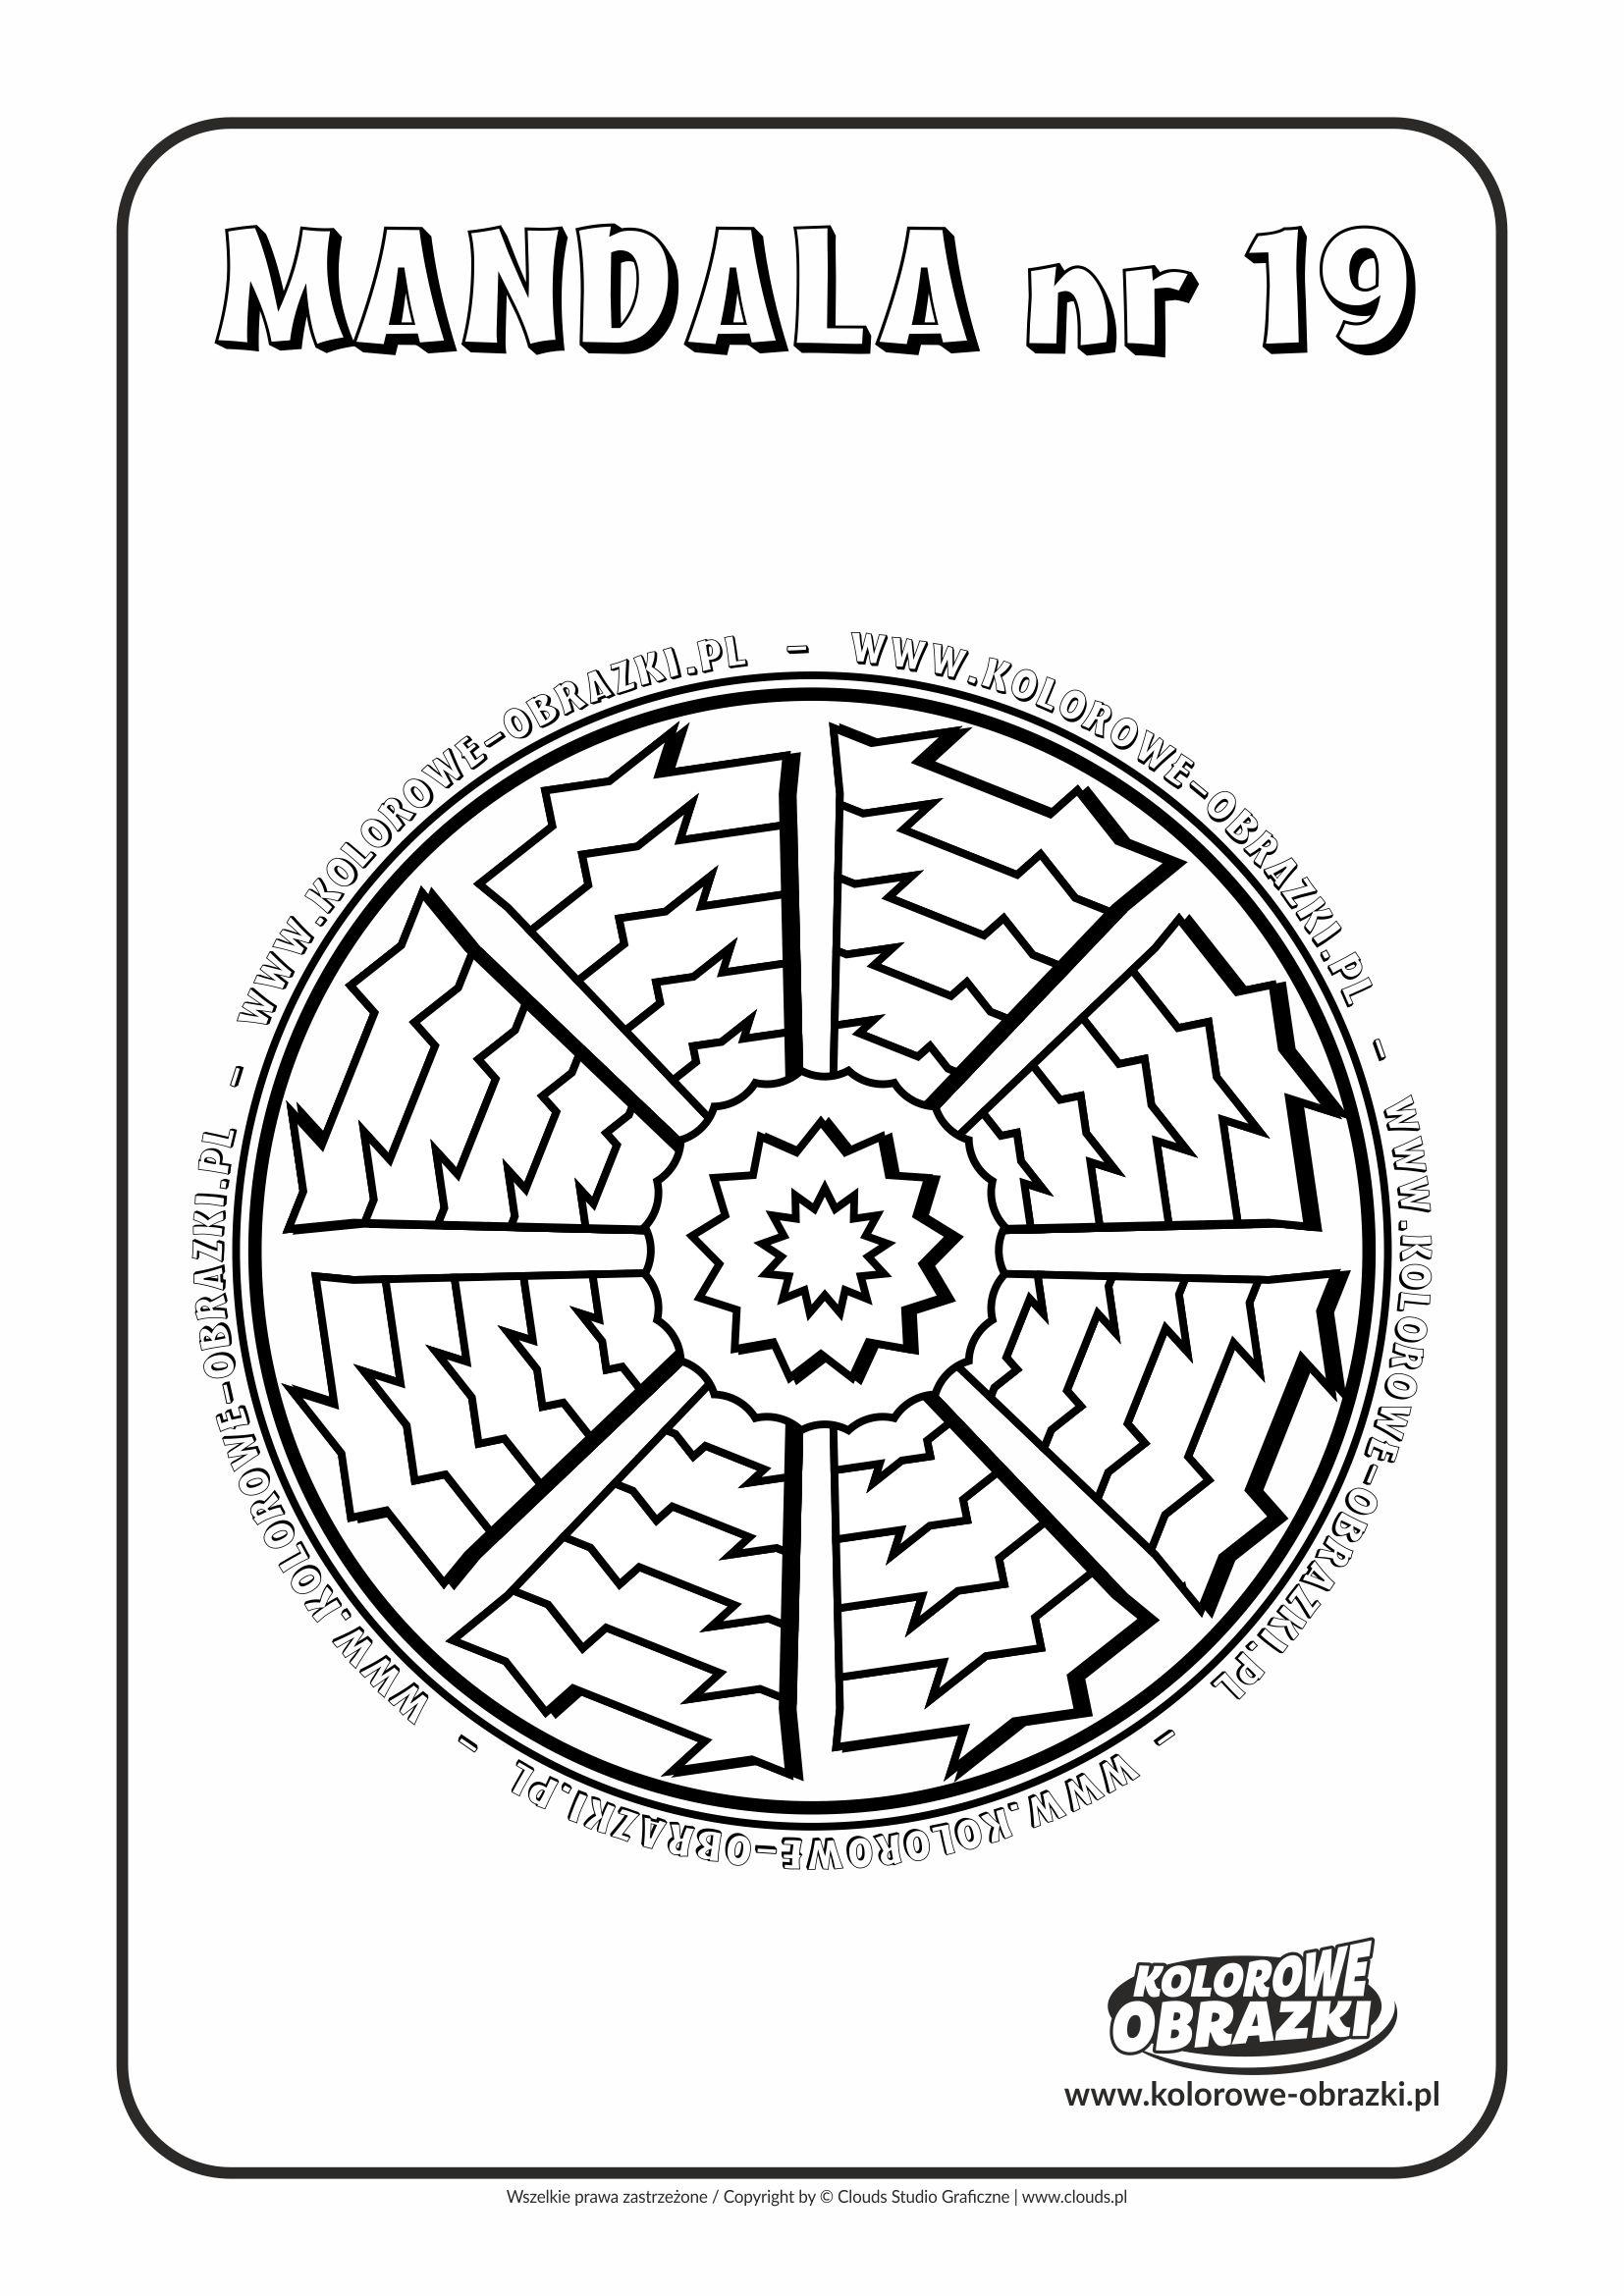 Kolorowanki dla dzieci - Mandale / Mandala nr 19. Kolorowanka z mandalą